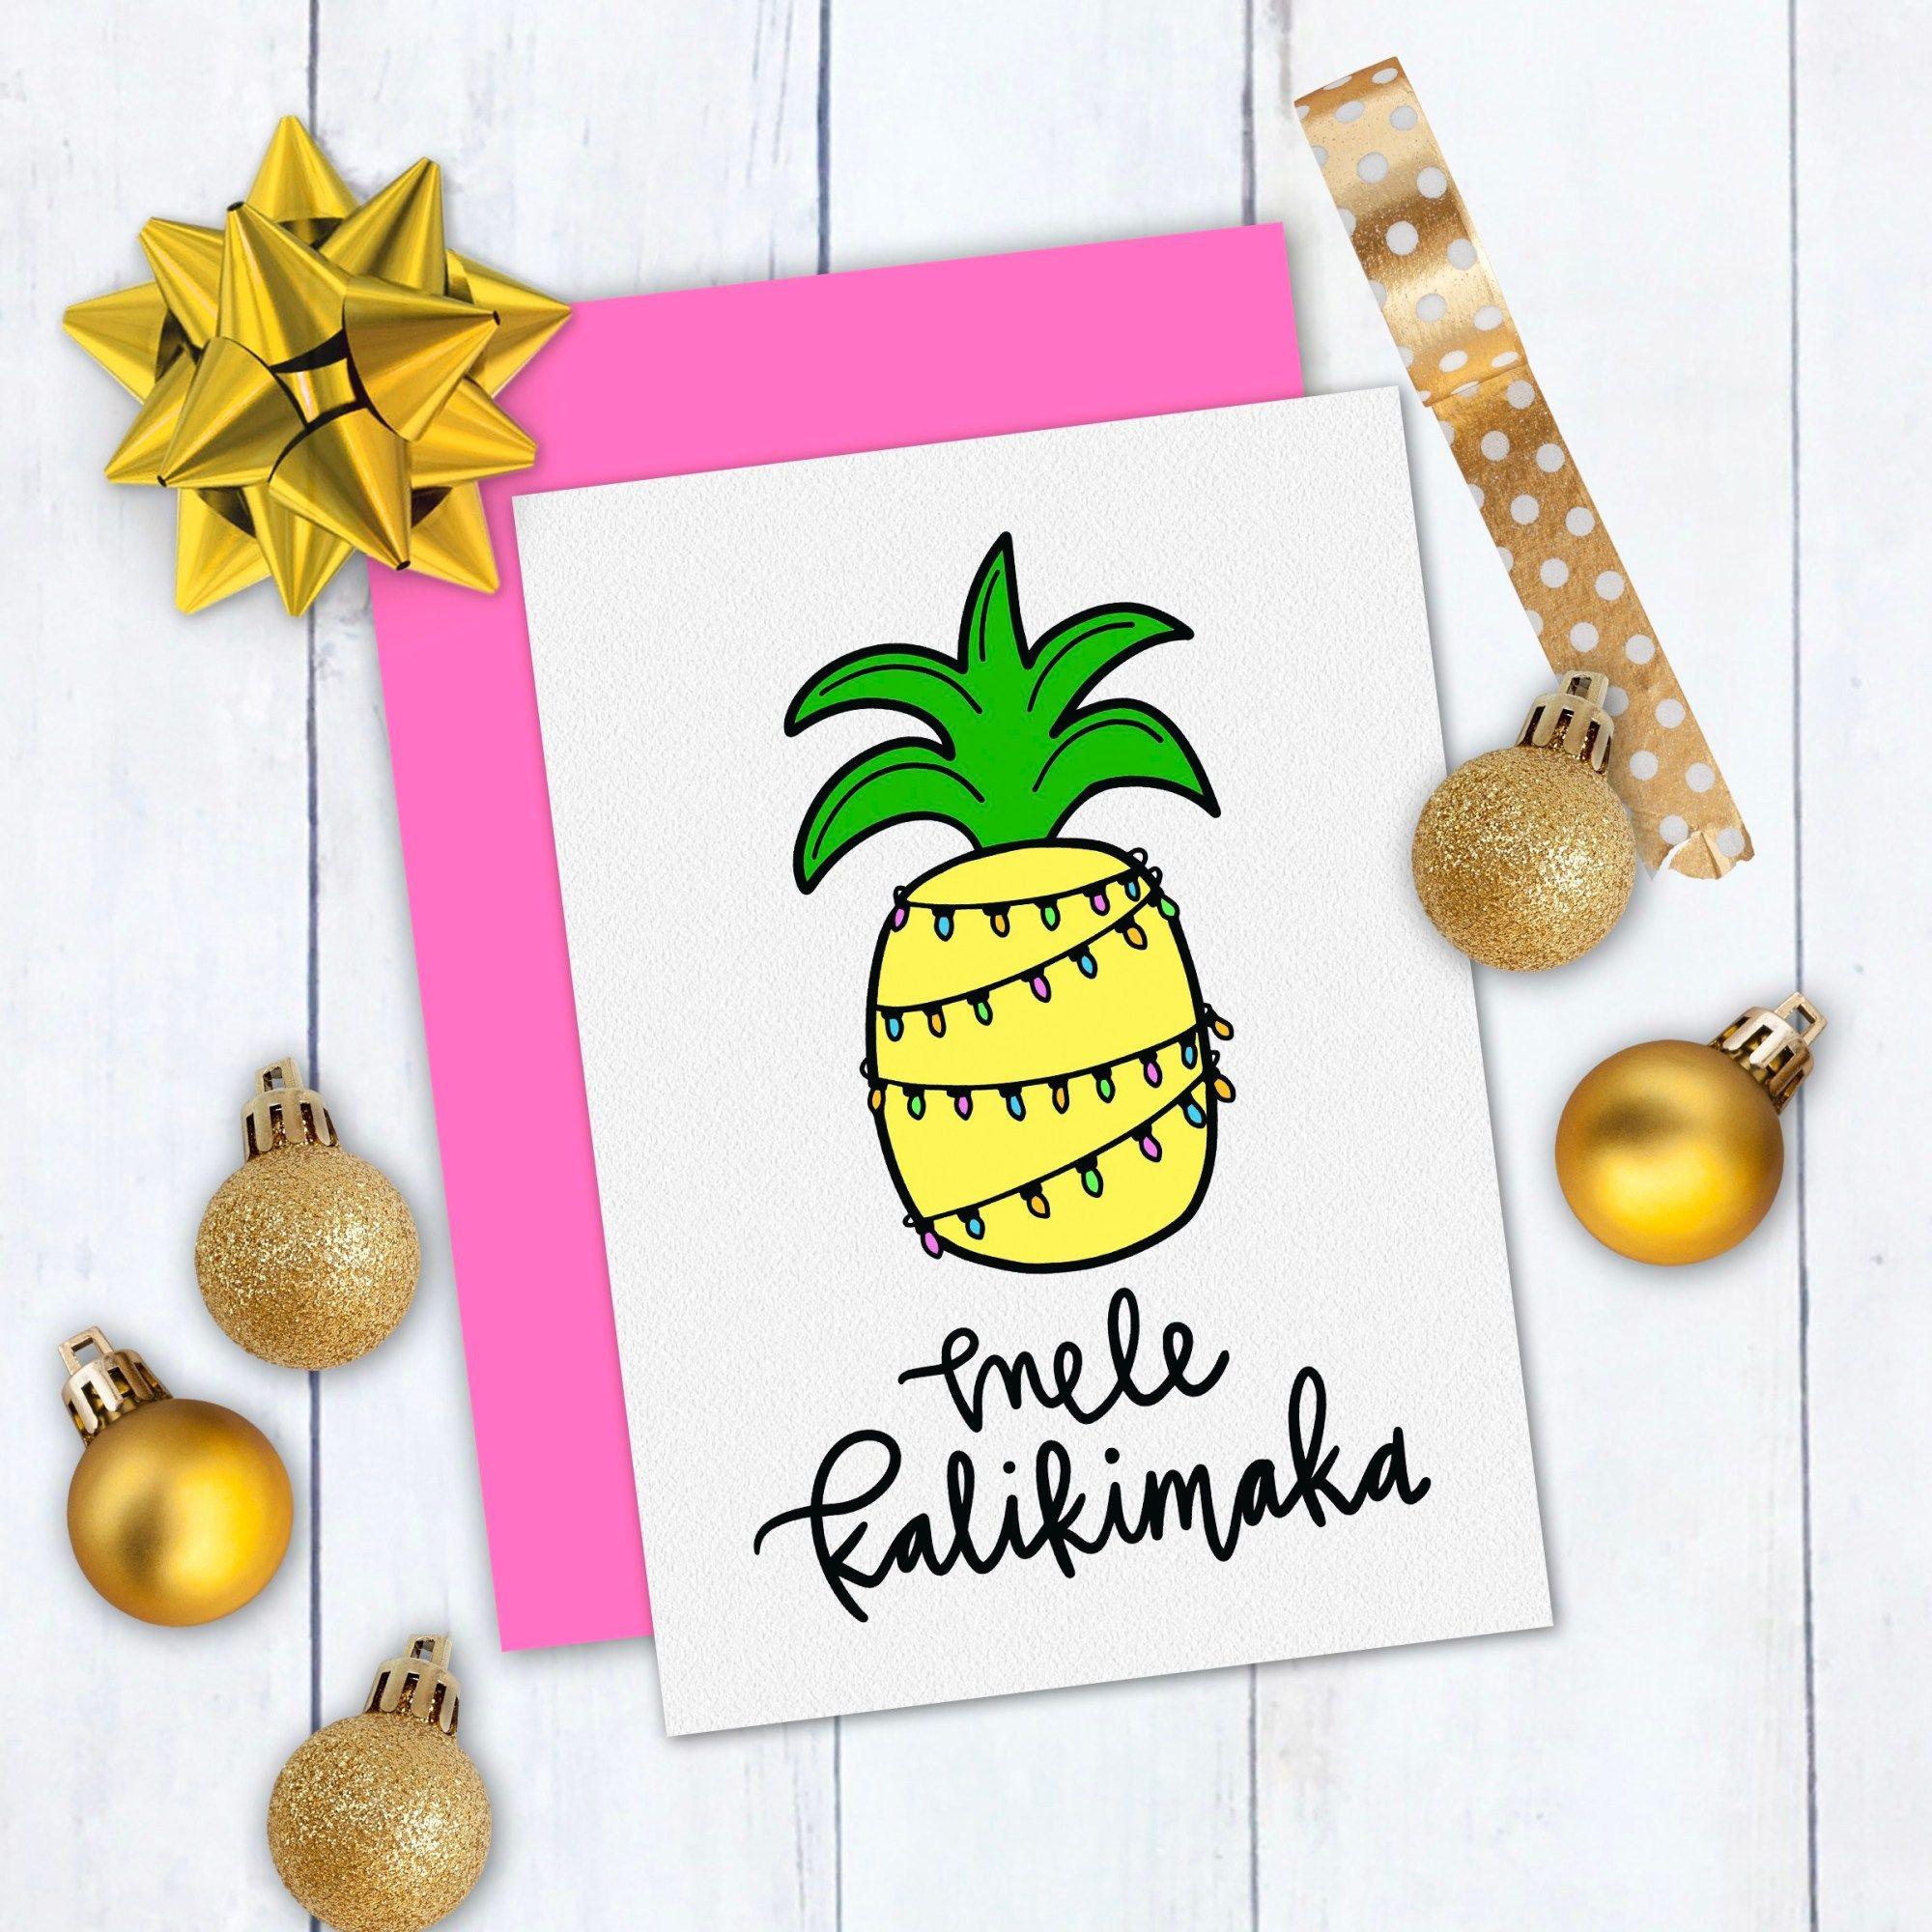 Mele Kalikimaka Free Tropical Christmas SVG Christmas